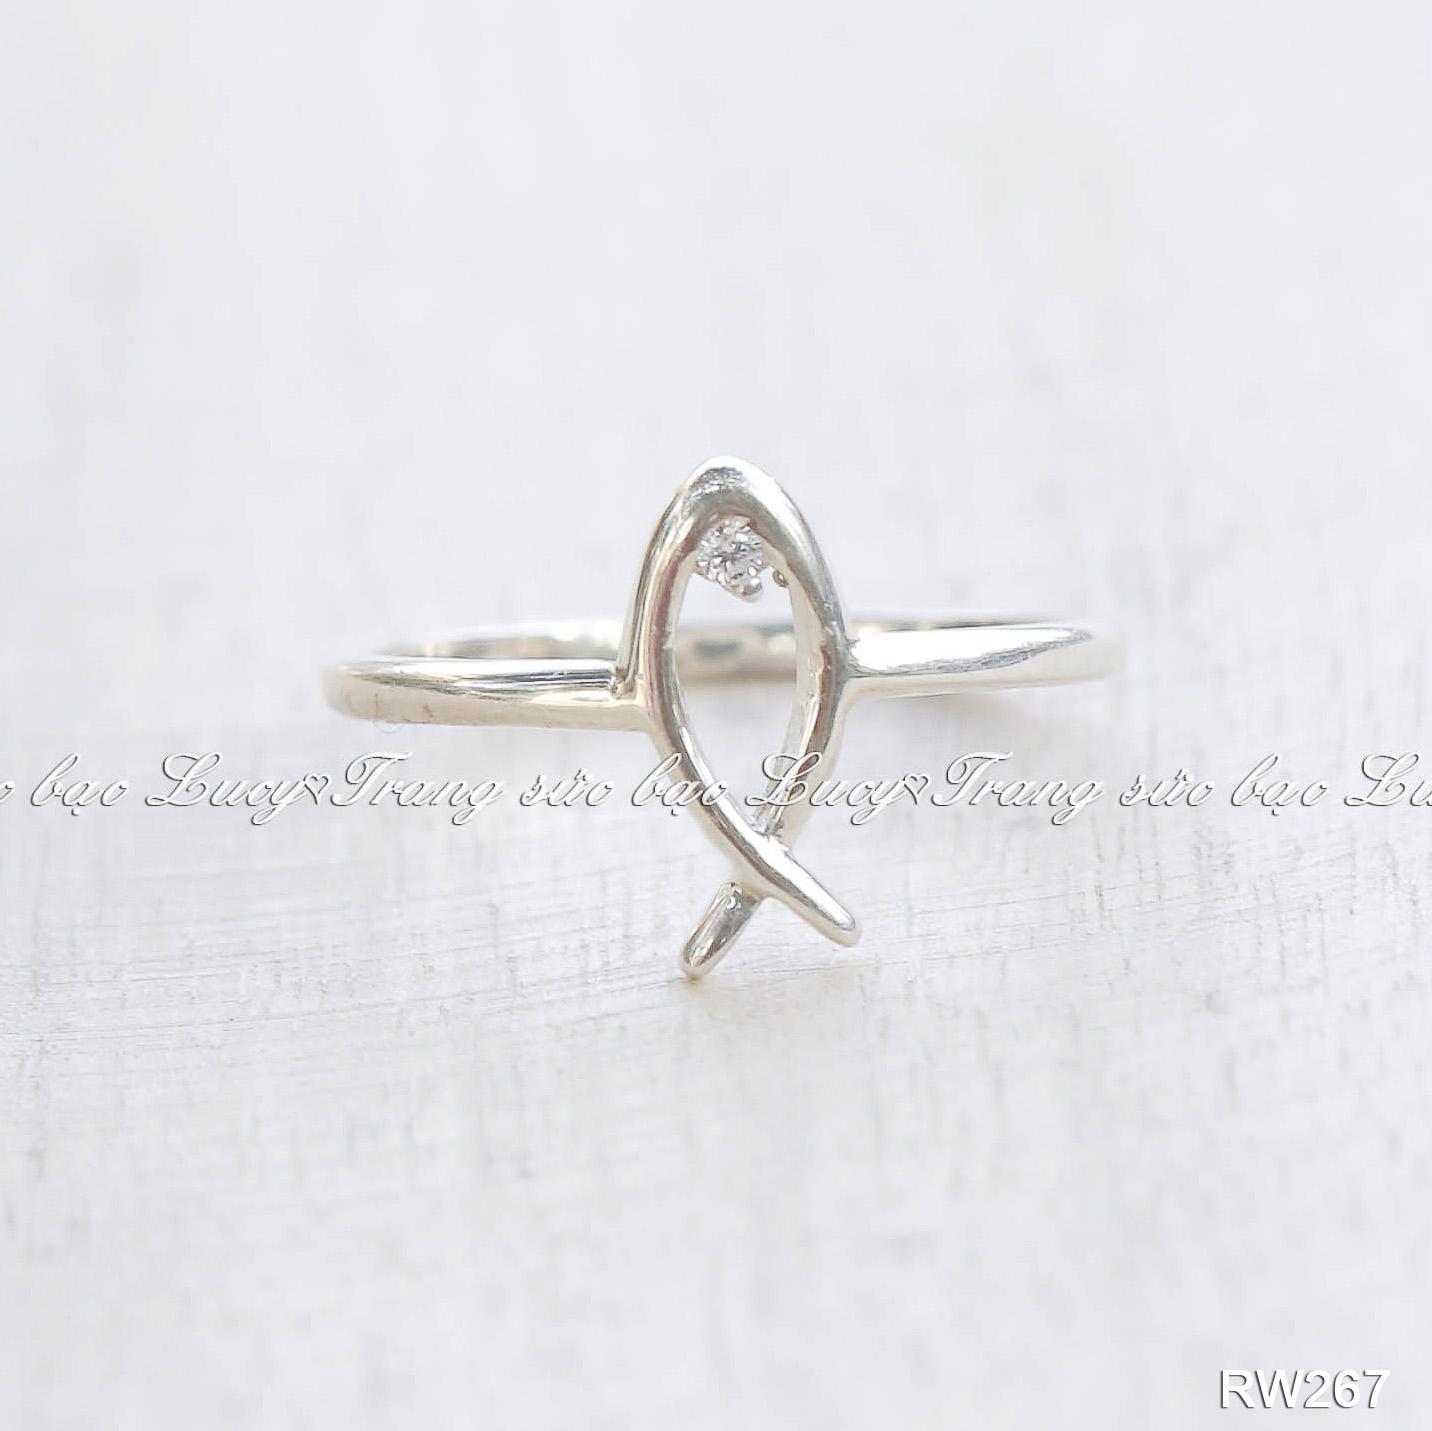 Nhẫn cá bạc lucy - rw267